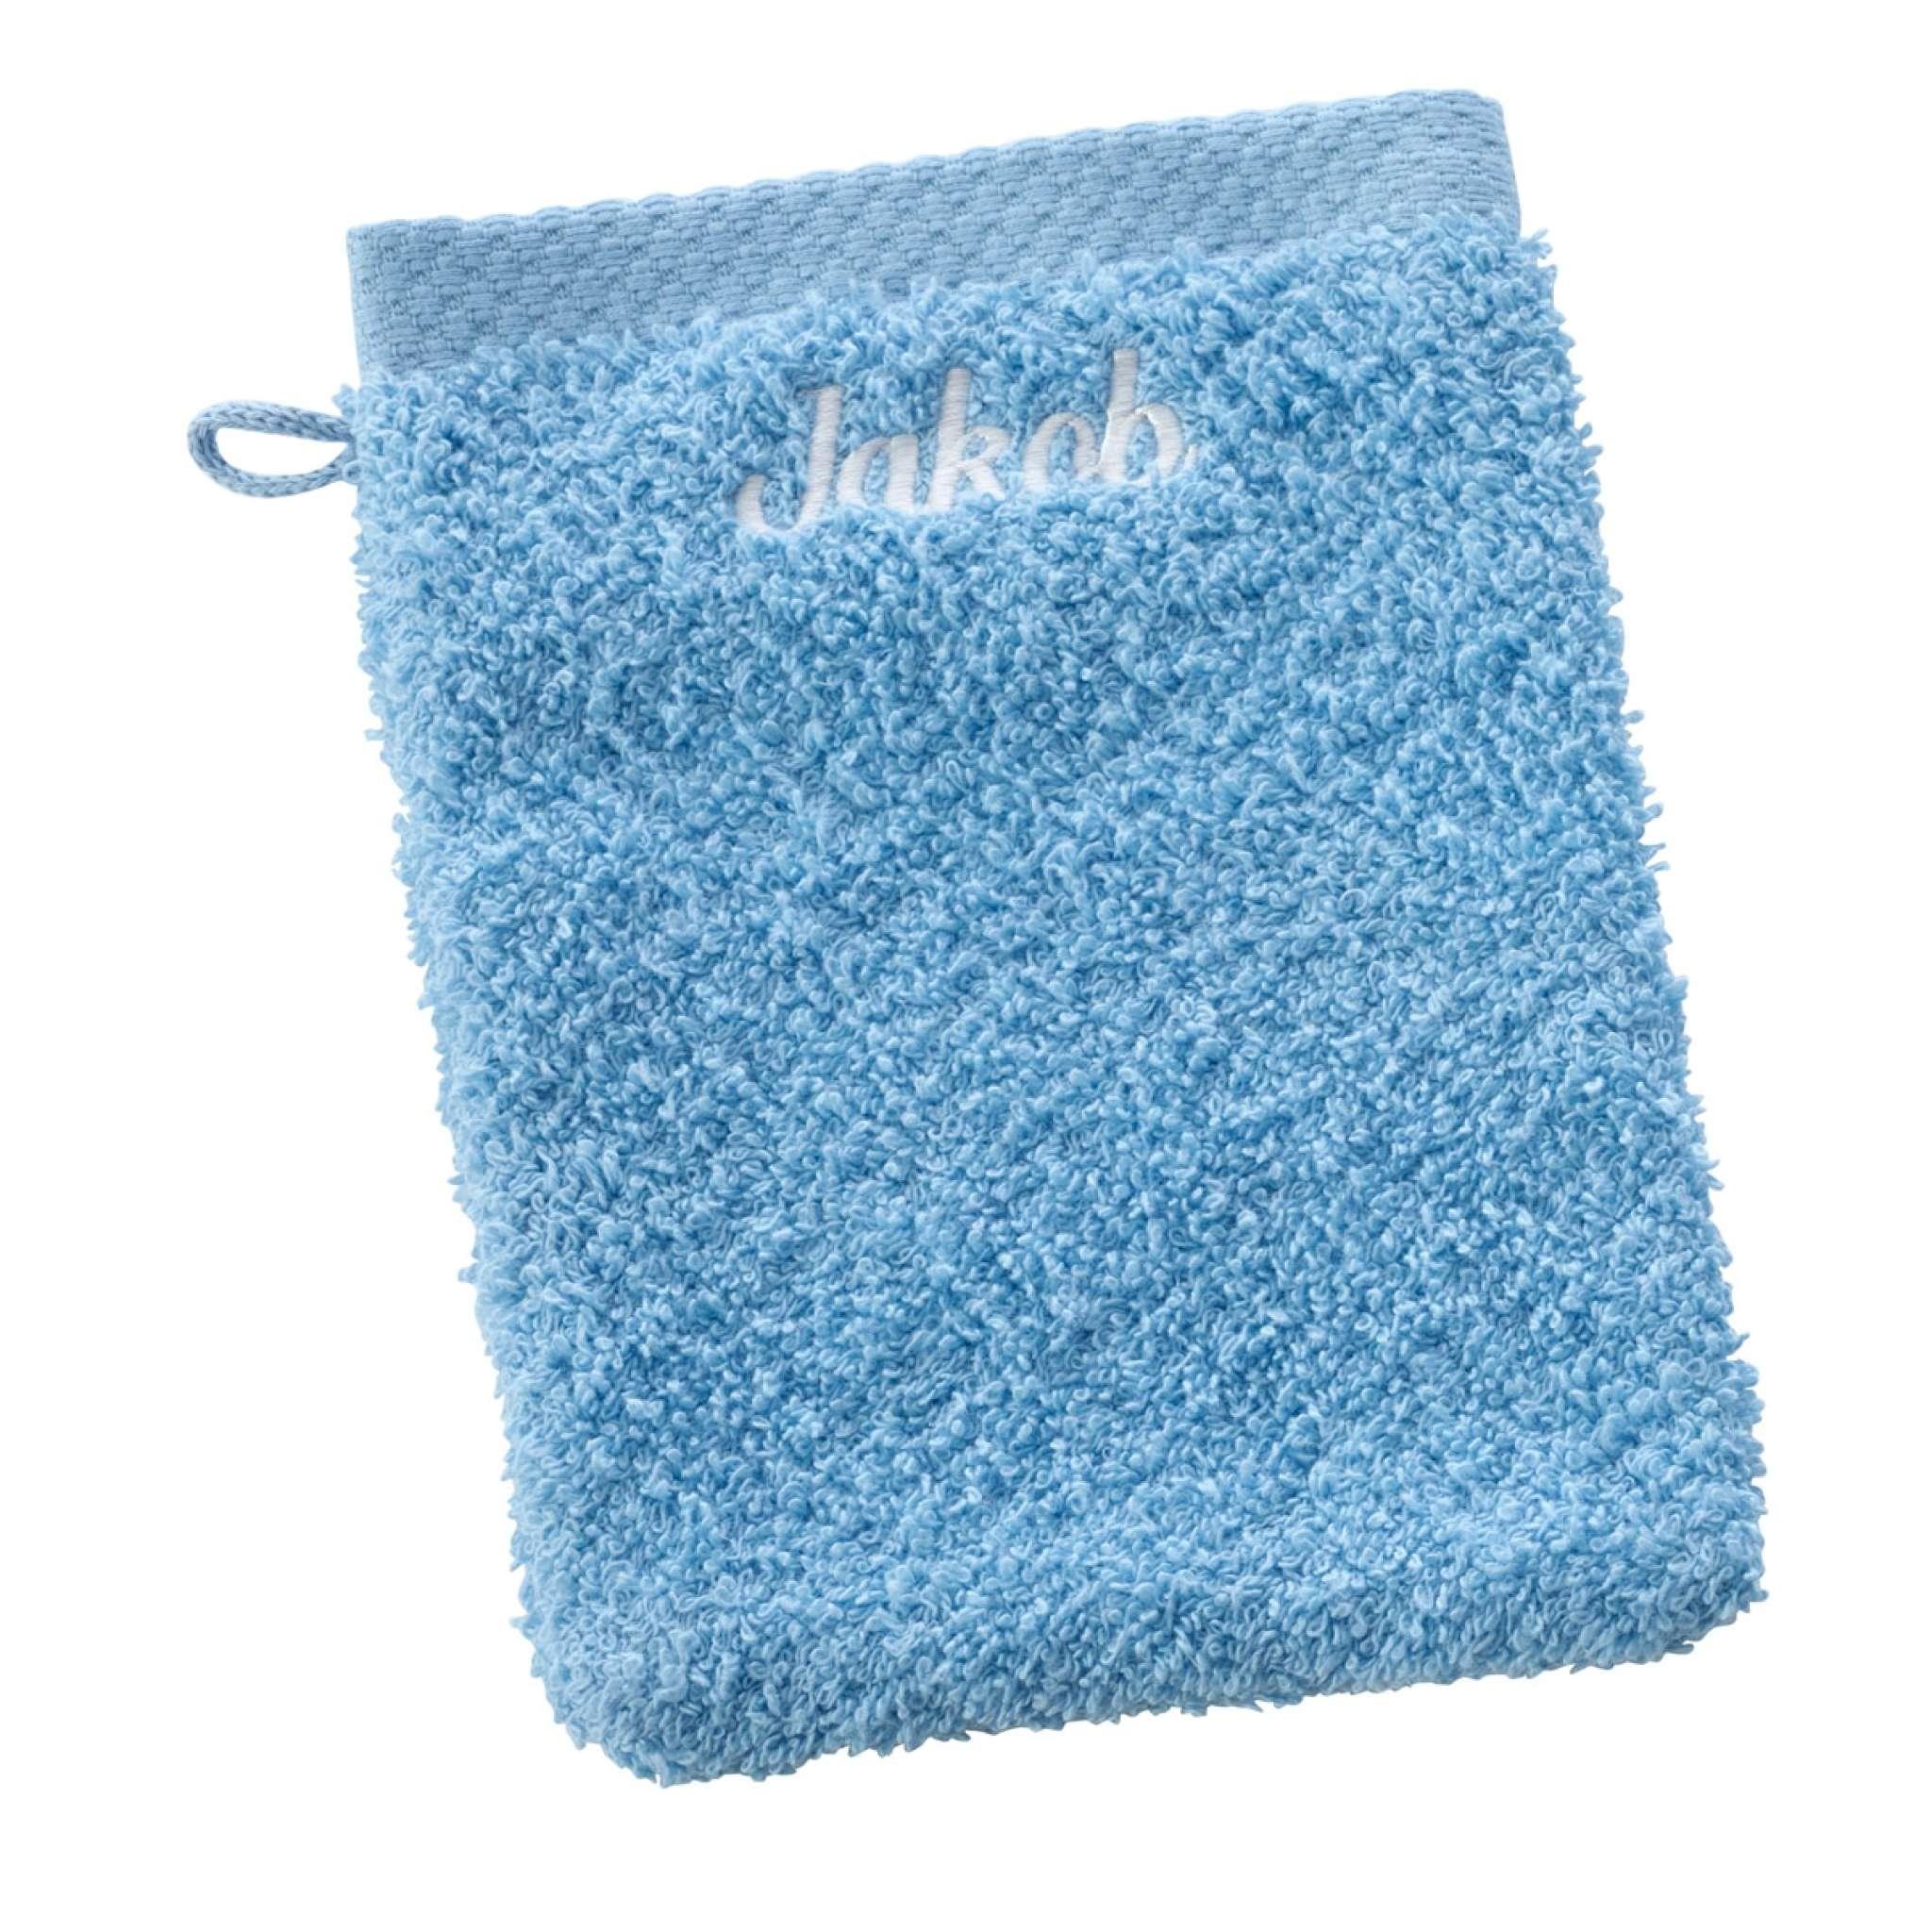 Waschhandschuh mit Namen | Pure exclusive